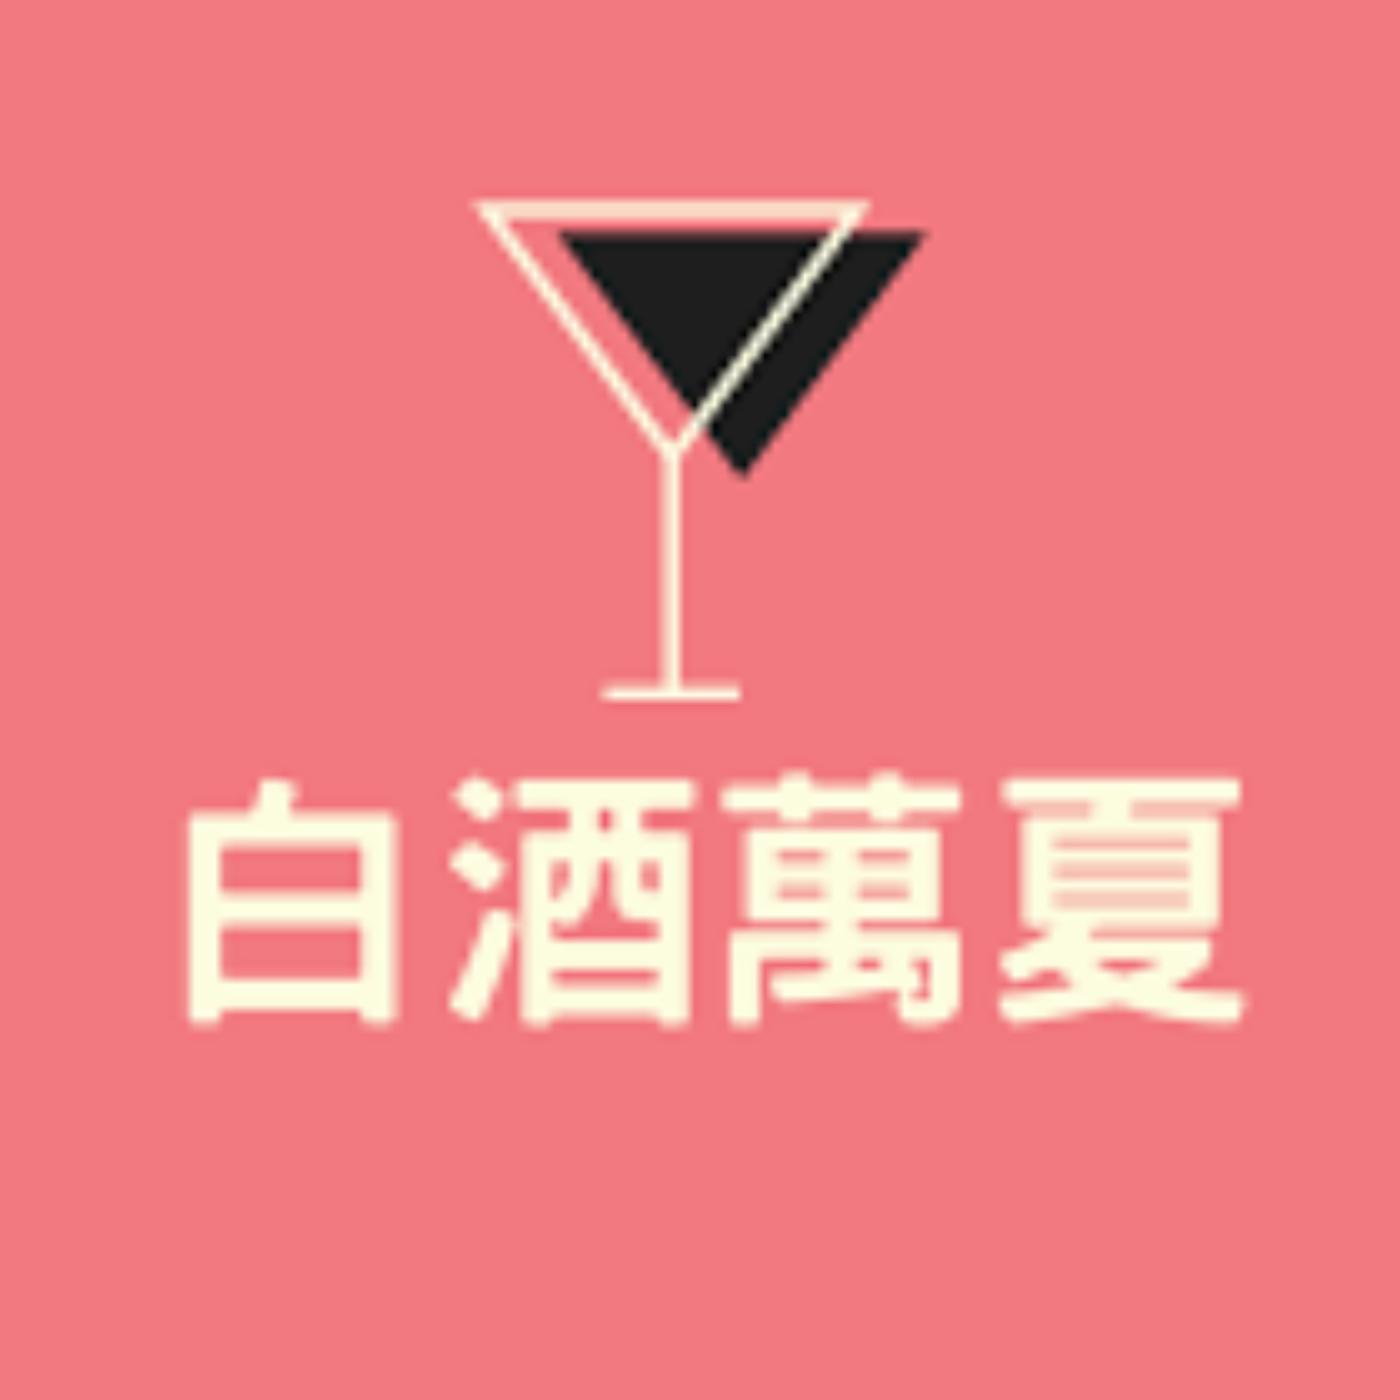 白酒one shot